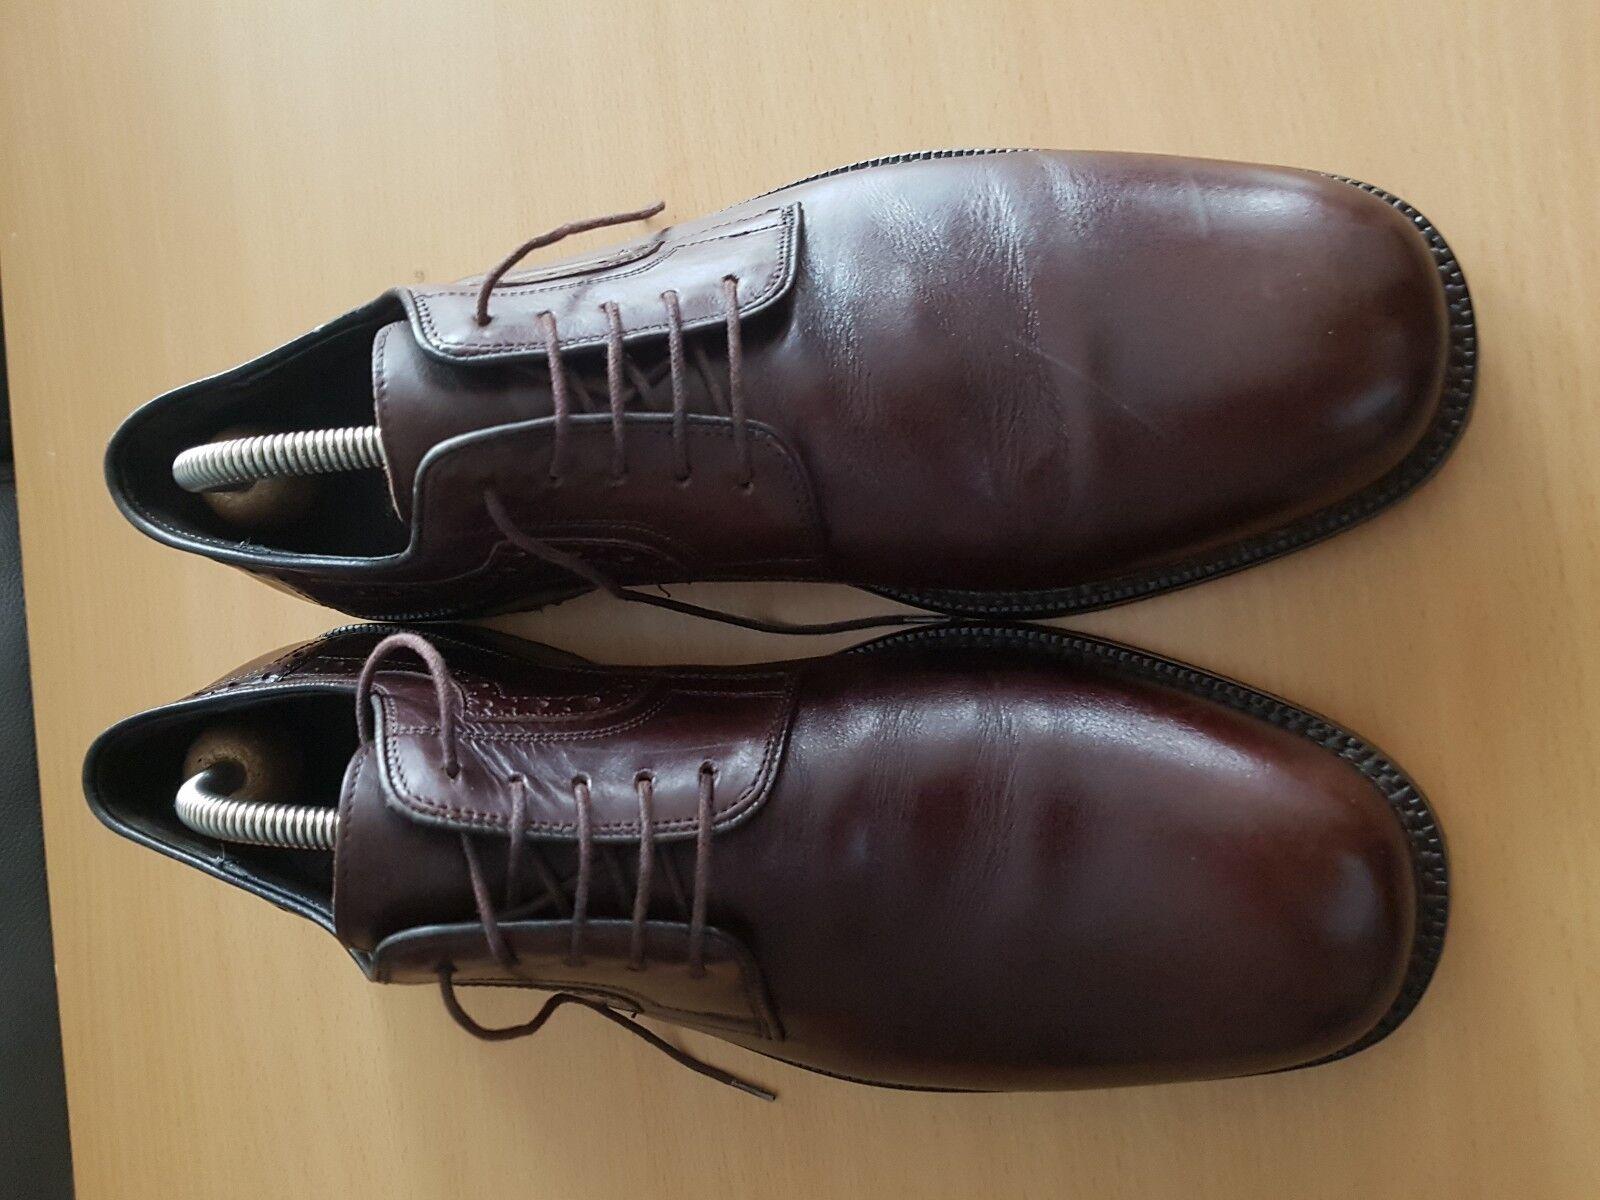 Apollo Herrenschuhe Business / Schuhe Vollleder braun Gr. 10 / Business 44.5 654443